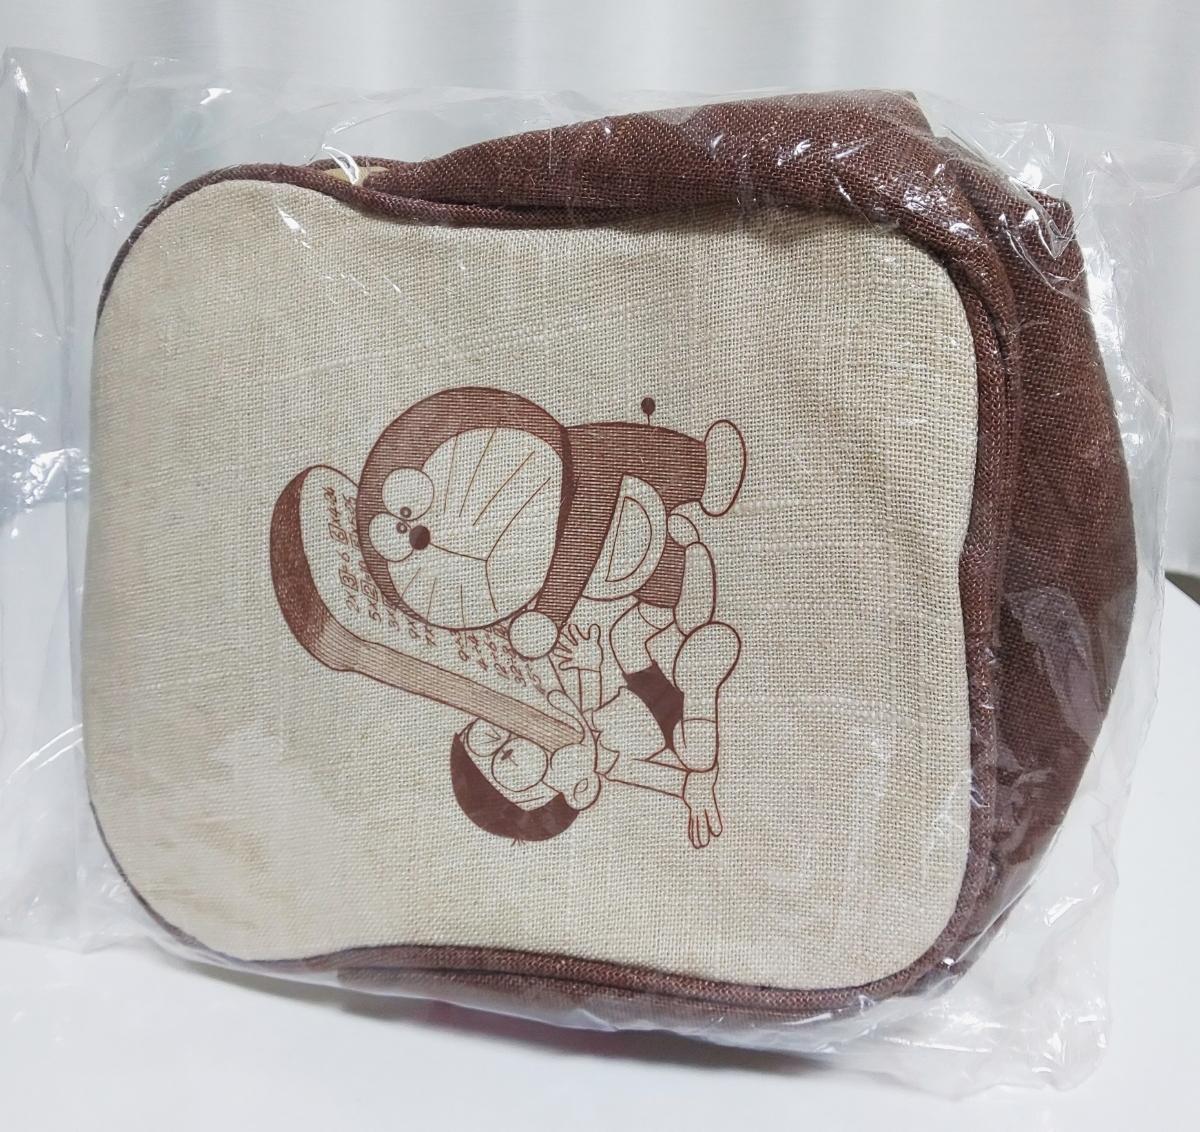 ドラえもん★アンキパン型トートバッグ★郵便局限定品★ラスト1個★新品タグ付♪_画像5